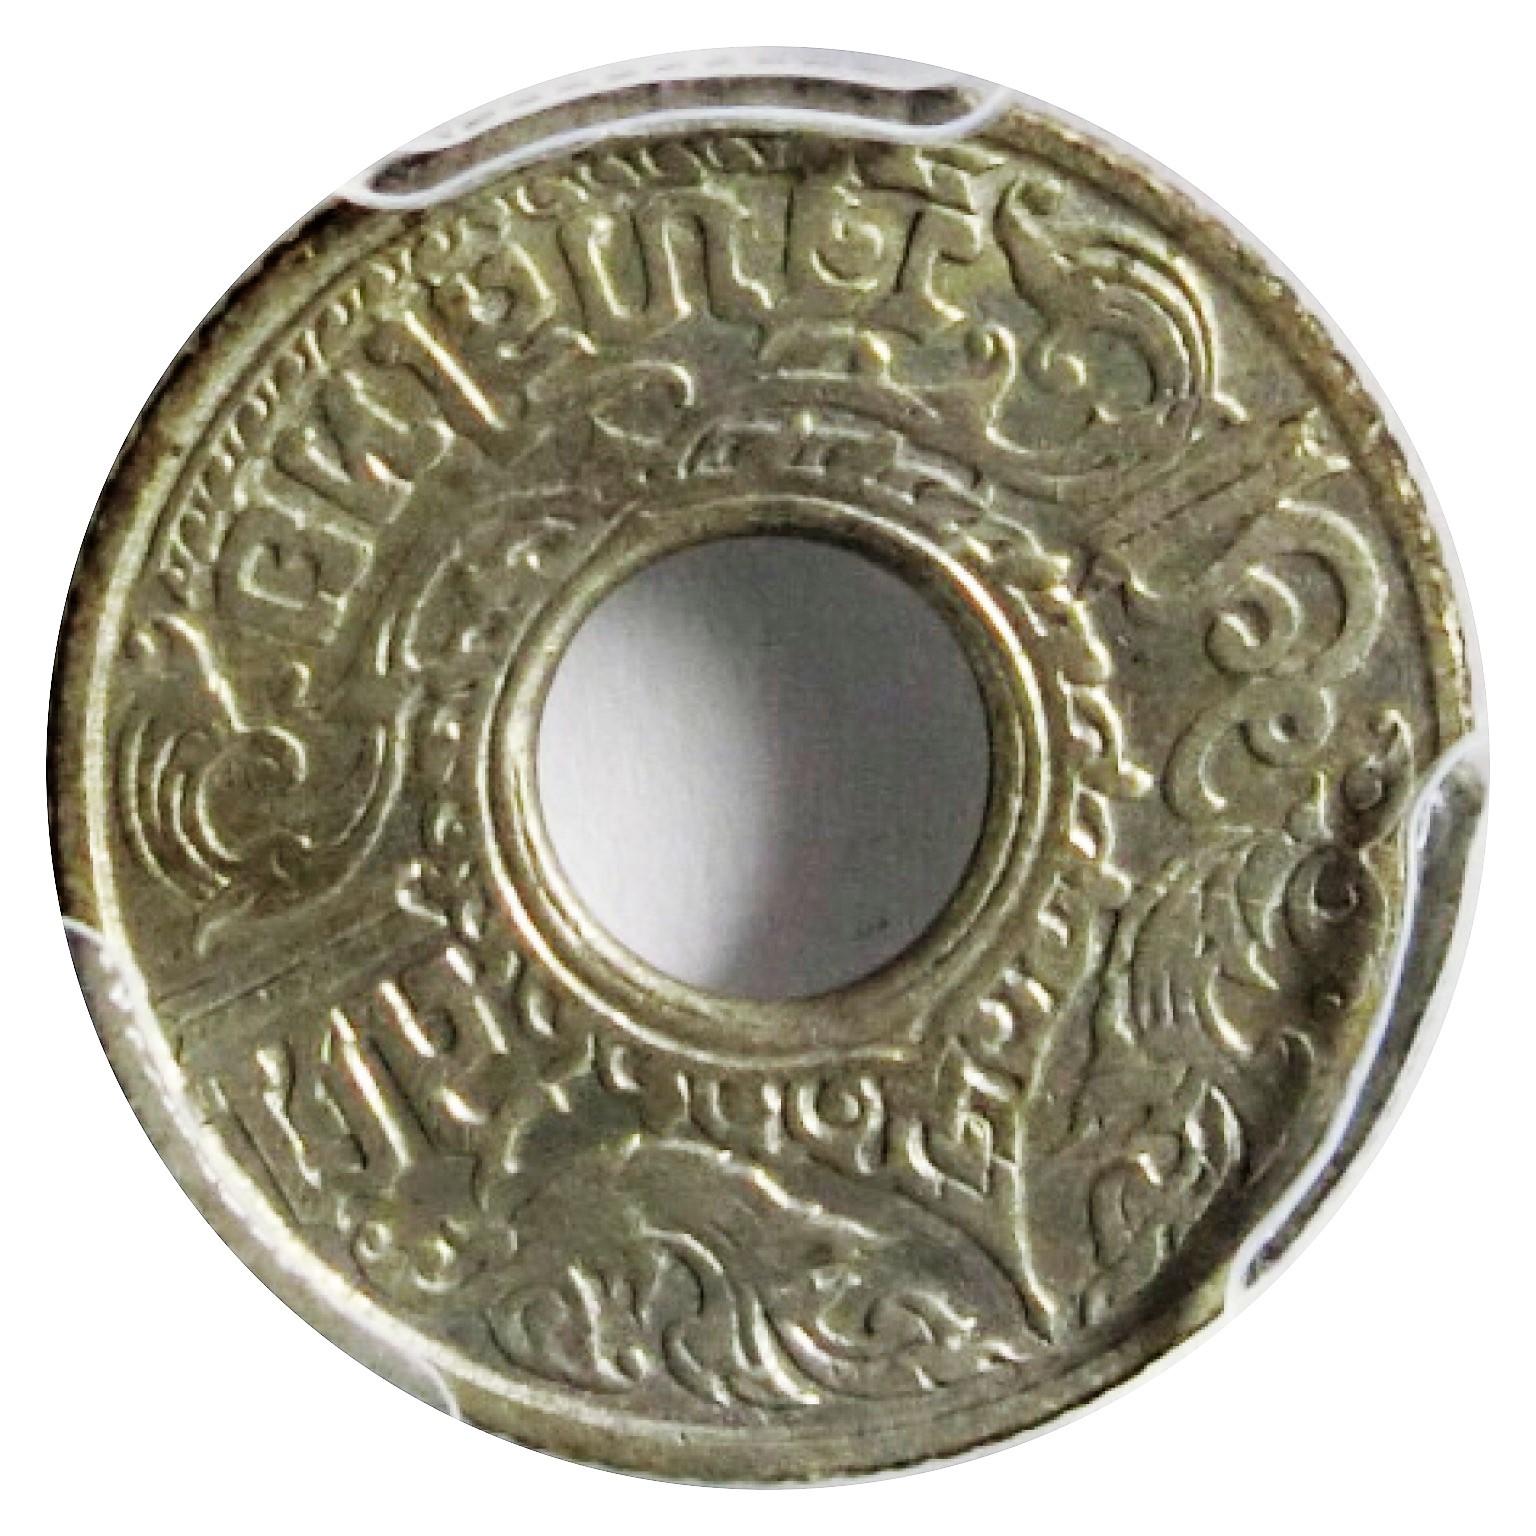 เหรียญเงินสตางค์รู ชนิดราคา5 สตางค์ รัชกาลที่8 AU55